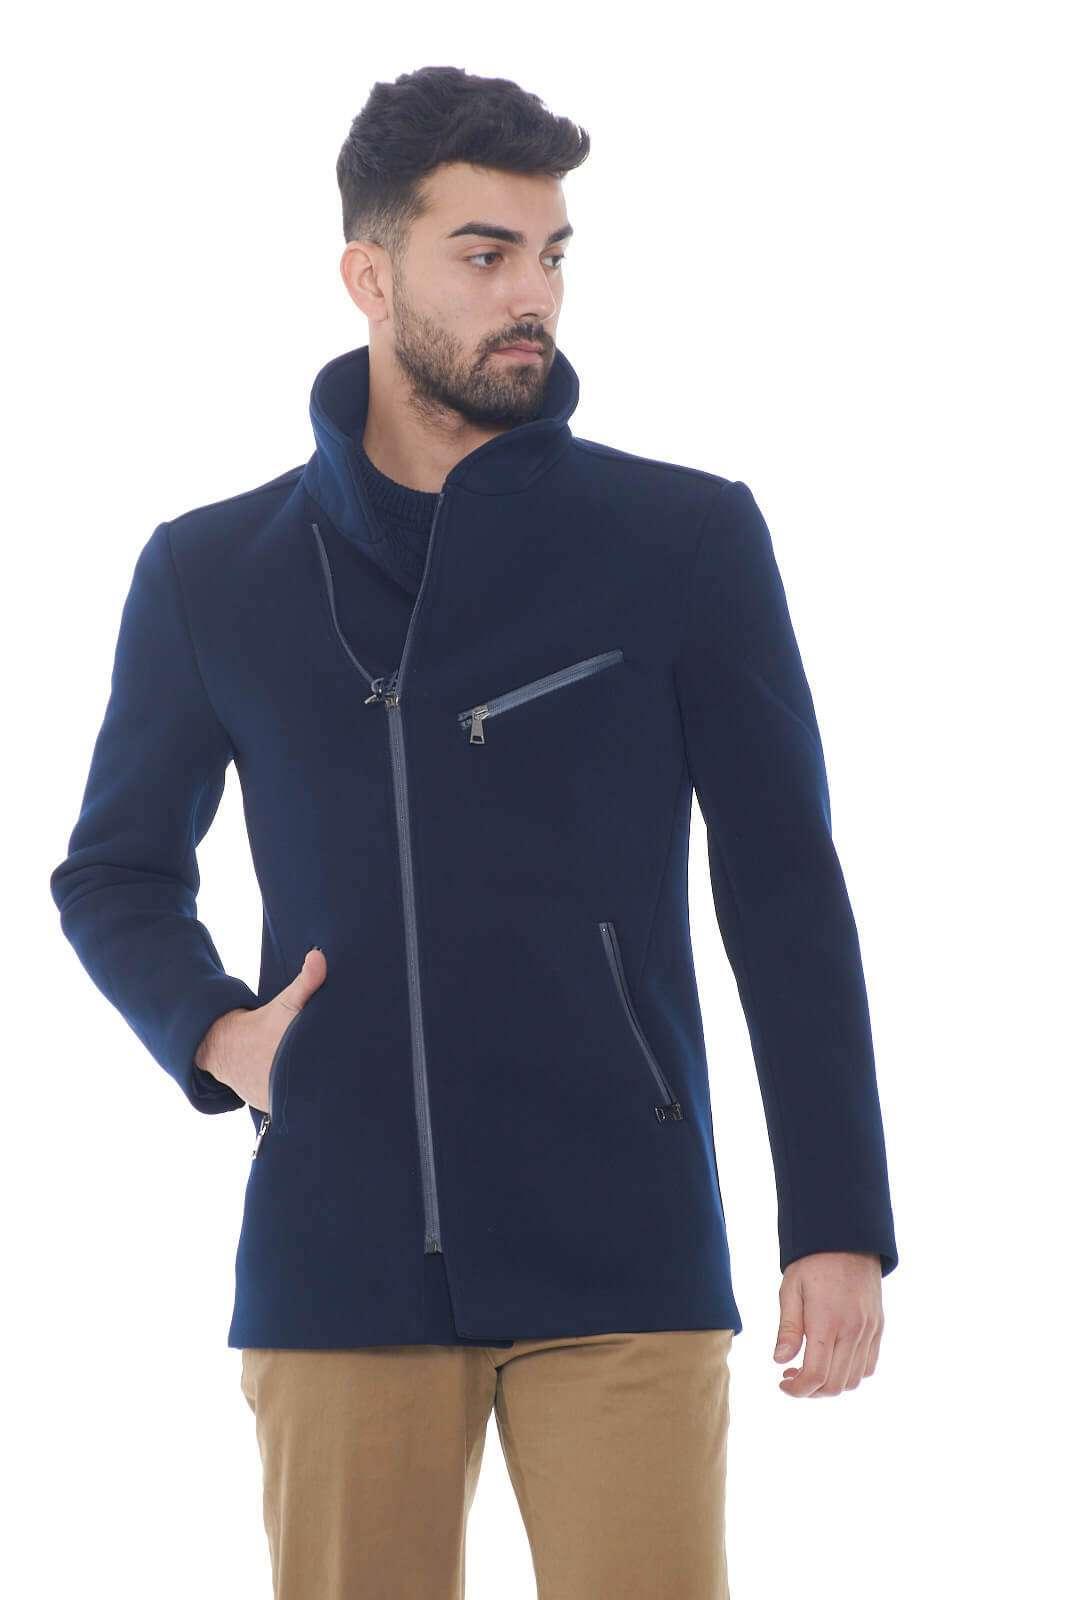 Semplice ed elegante questa giacca da uomo firmata up to Be. Perfetta per look classici e formali, dove risalterà subito all'occhio uno stile impeccabile e curato. La zip decentrata, aggiunge un tocco chic e moderno, ad un capo che conquisterà con la sua semplicità.  Il modello è alto 1,80m e indossa la taglia 48.